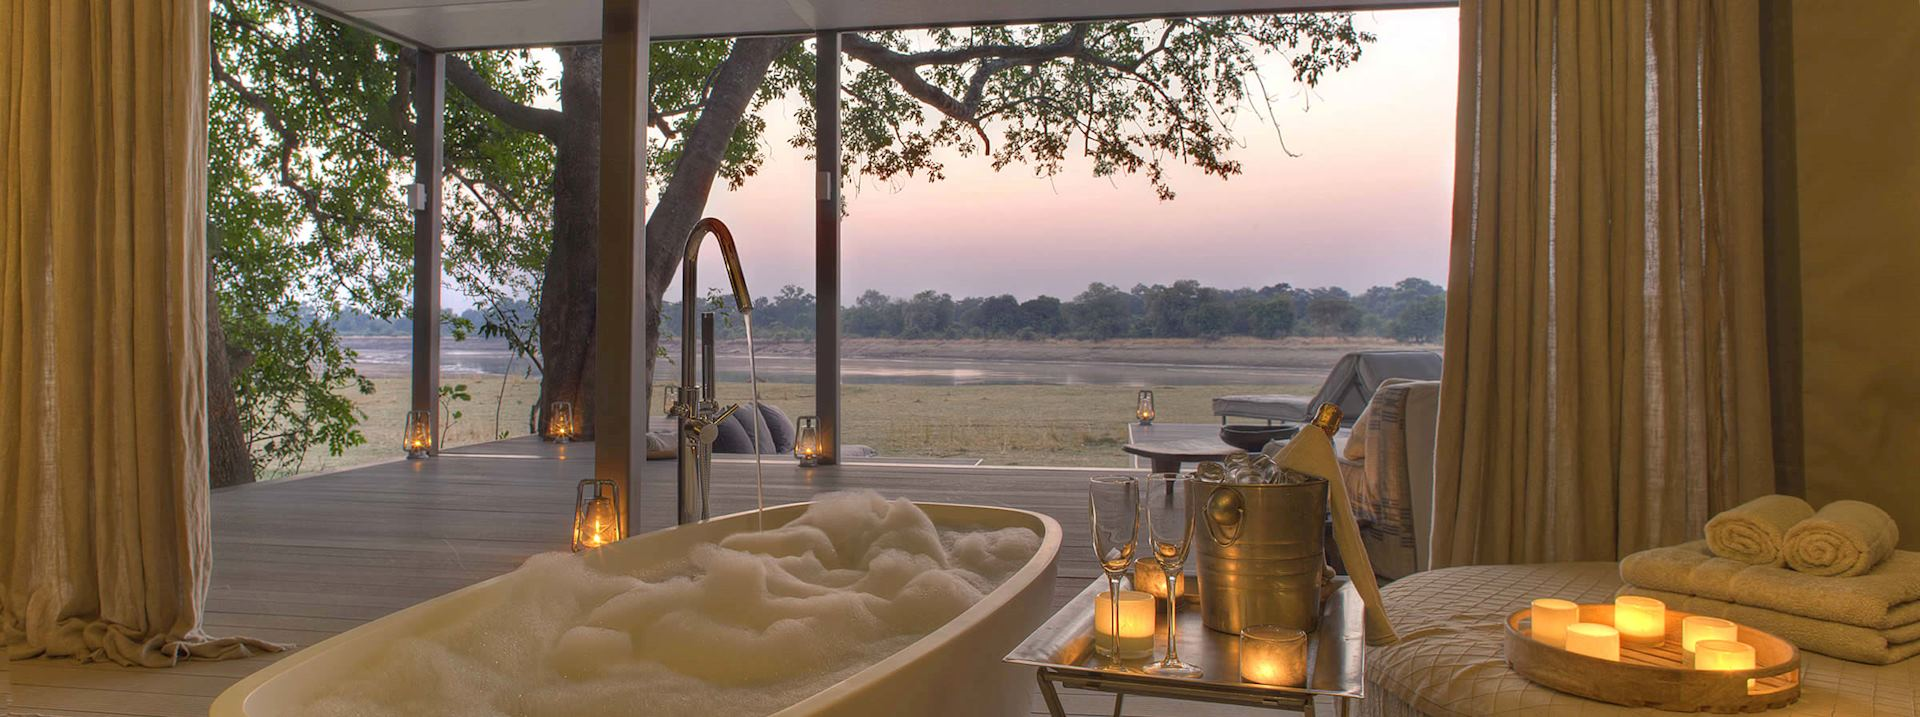 Chinzombo Camp, Zambia